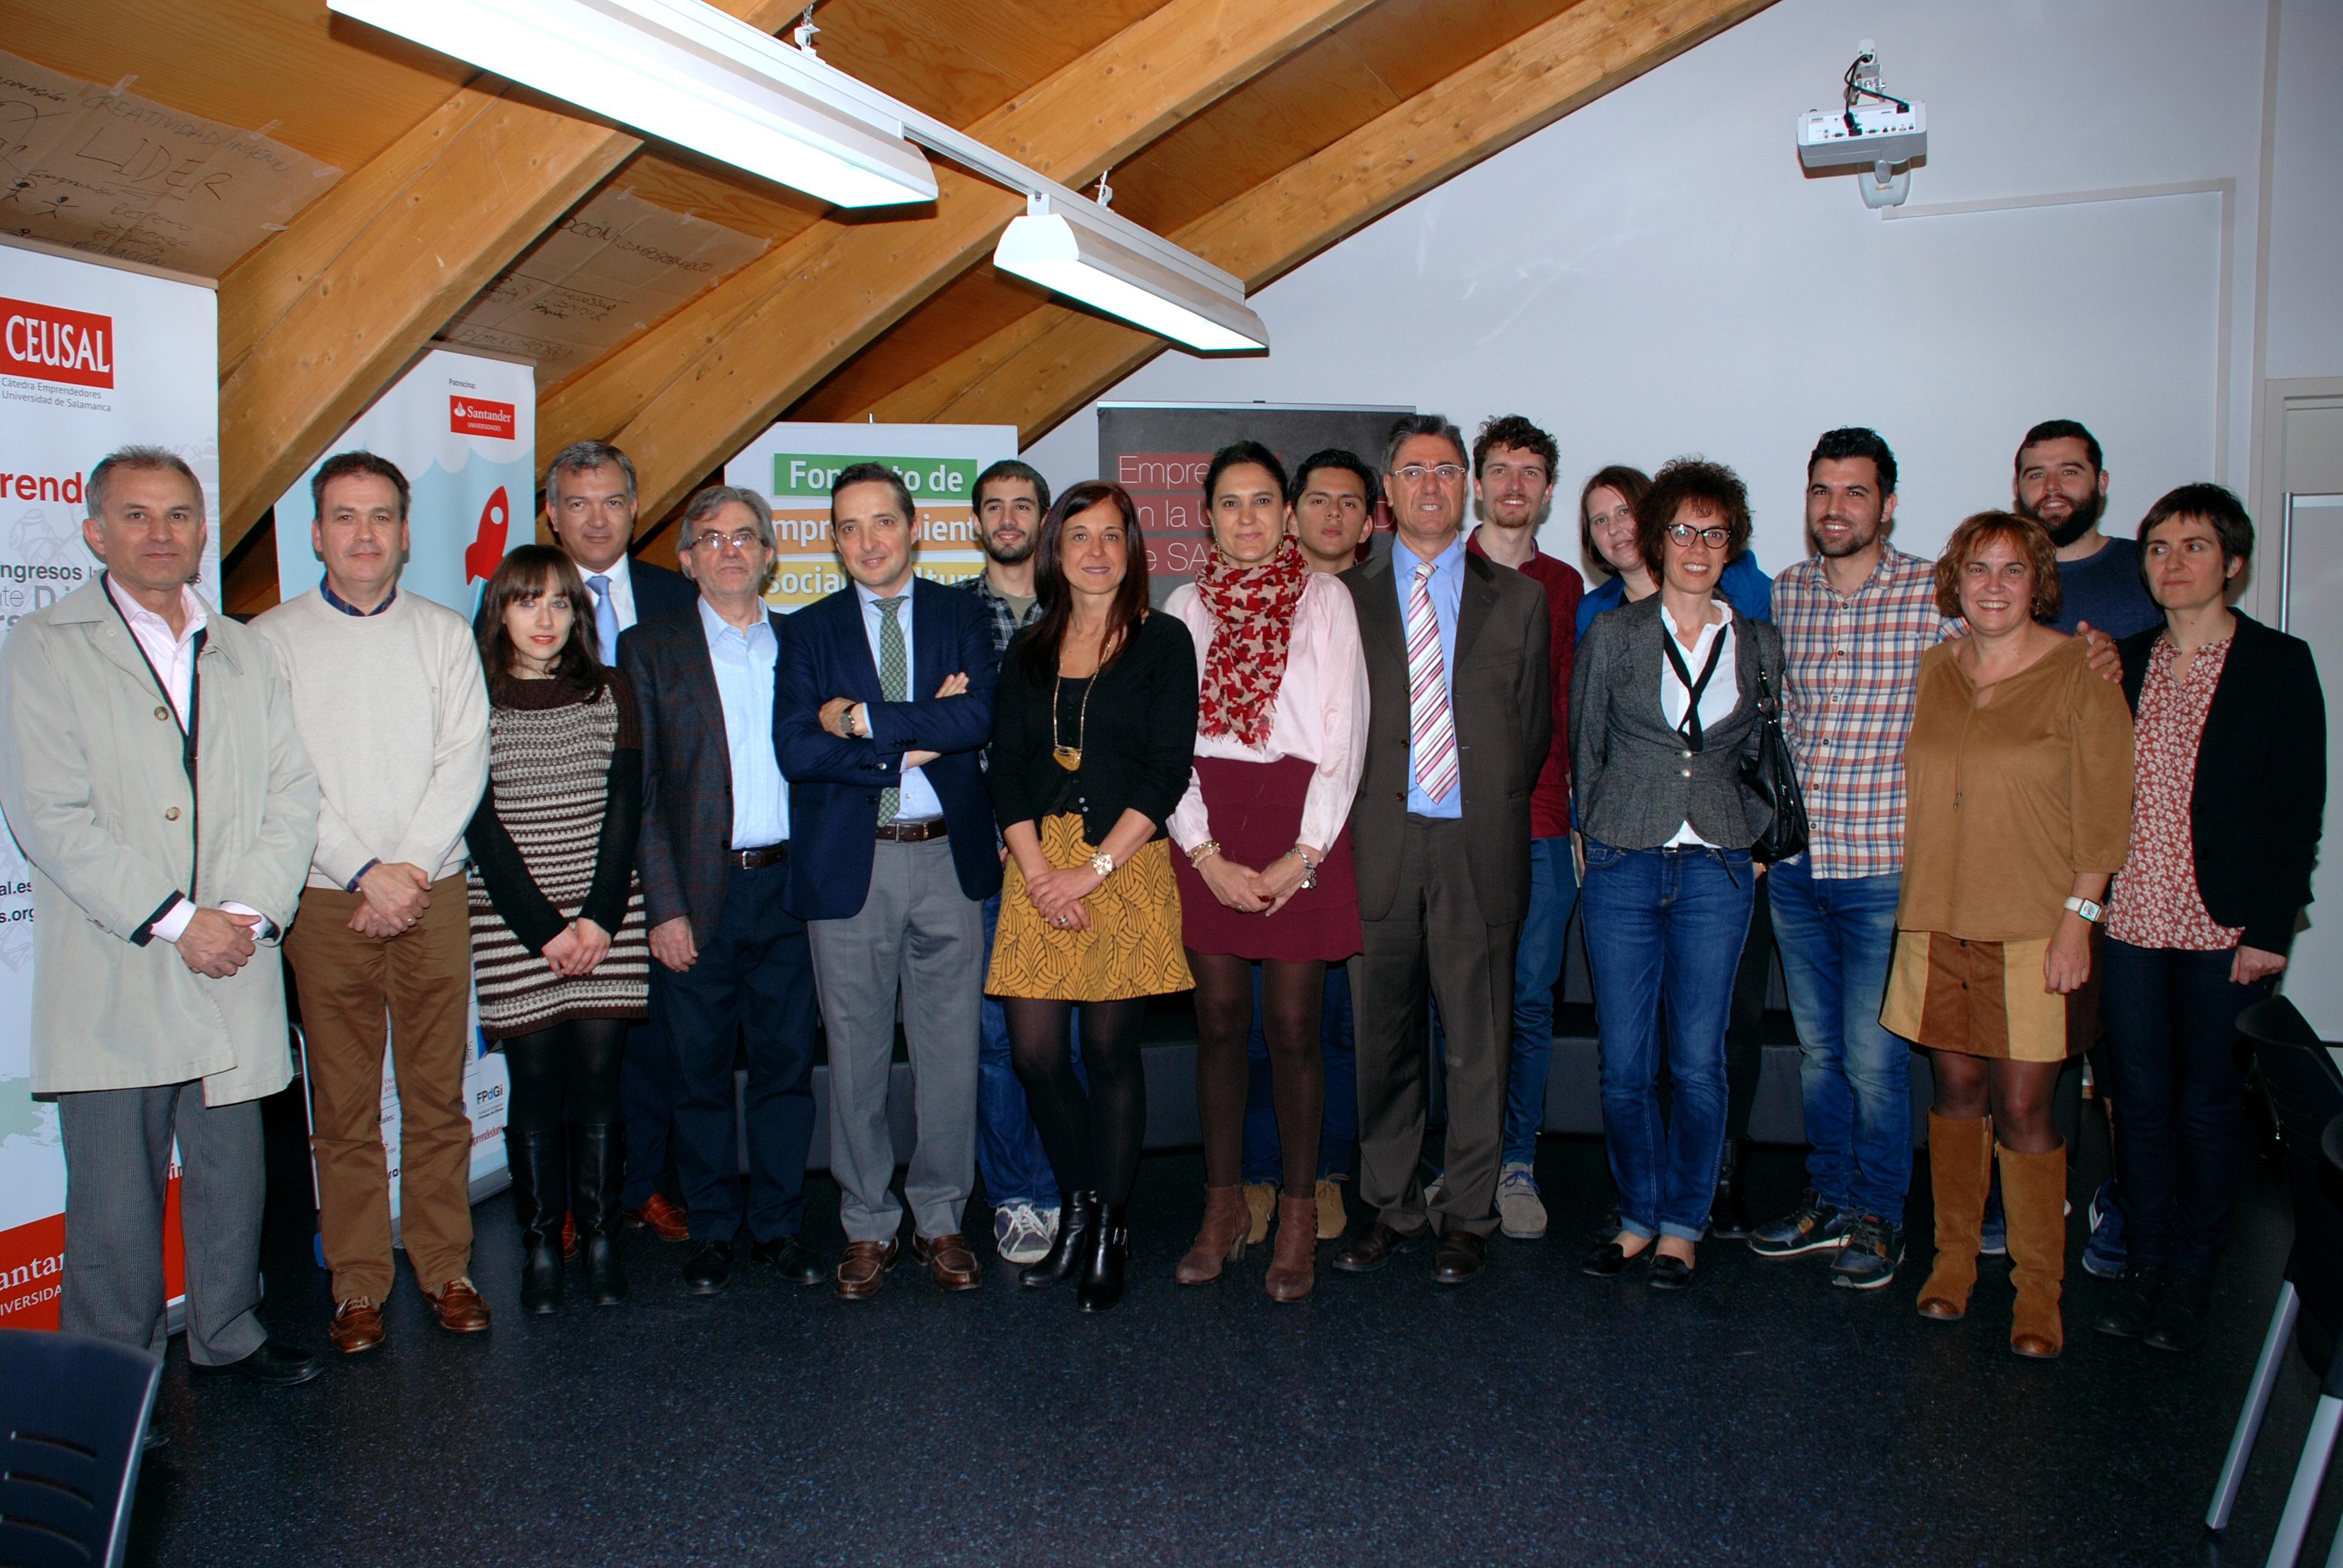 Los estudiantes de la Universidad de Salamanca disponen de un nuevo espacio para el emprendimiento